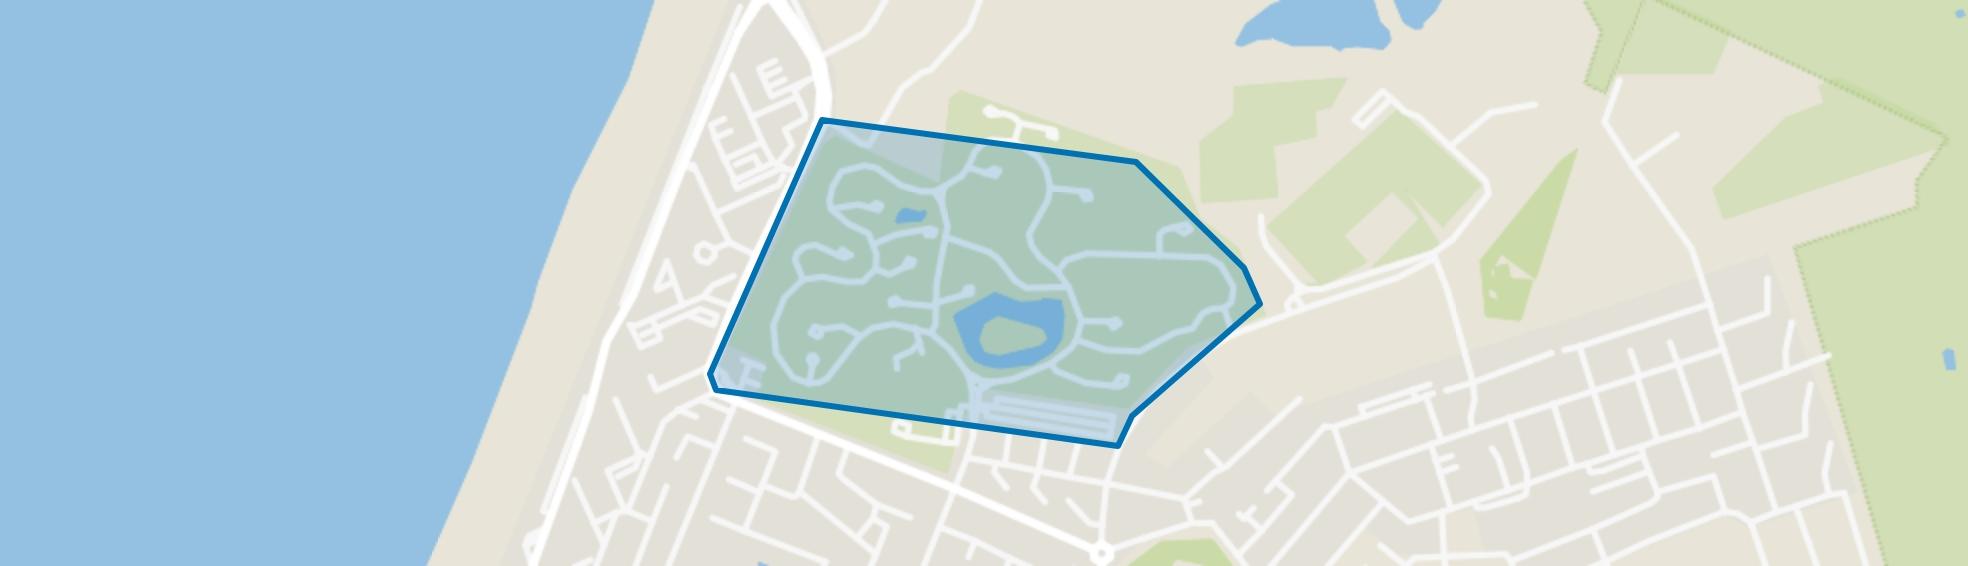 Recreatiepark, Zandvoort map